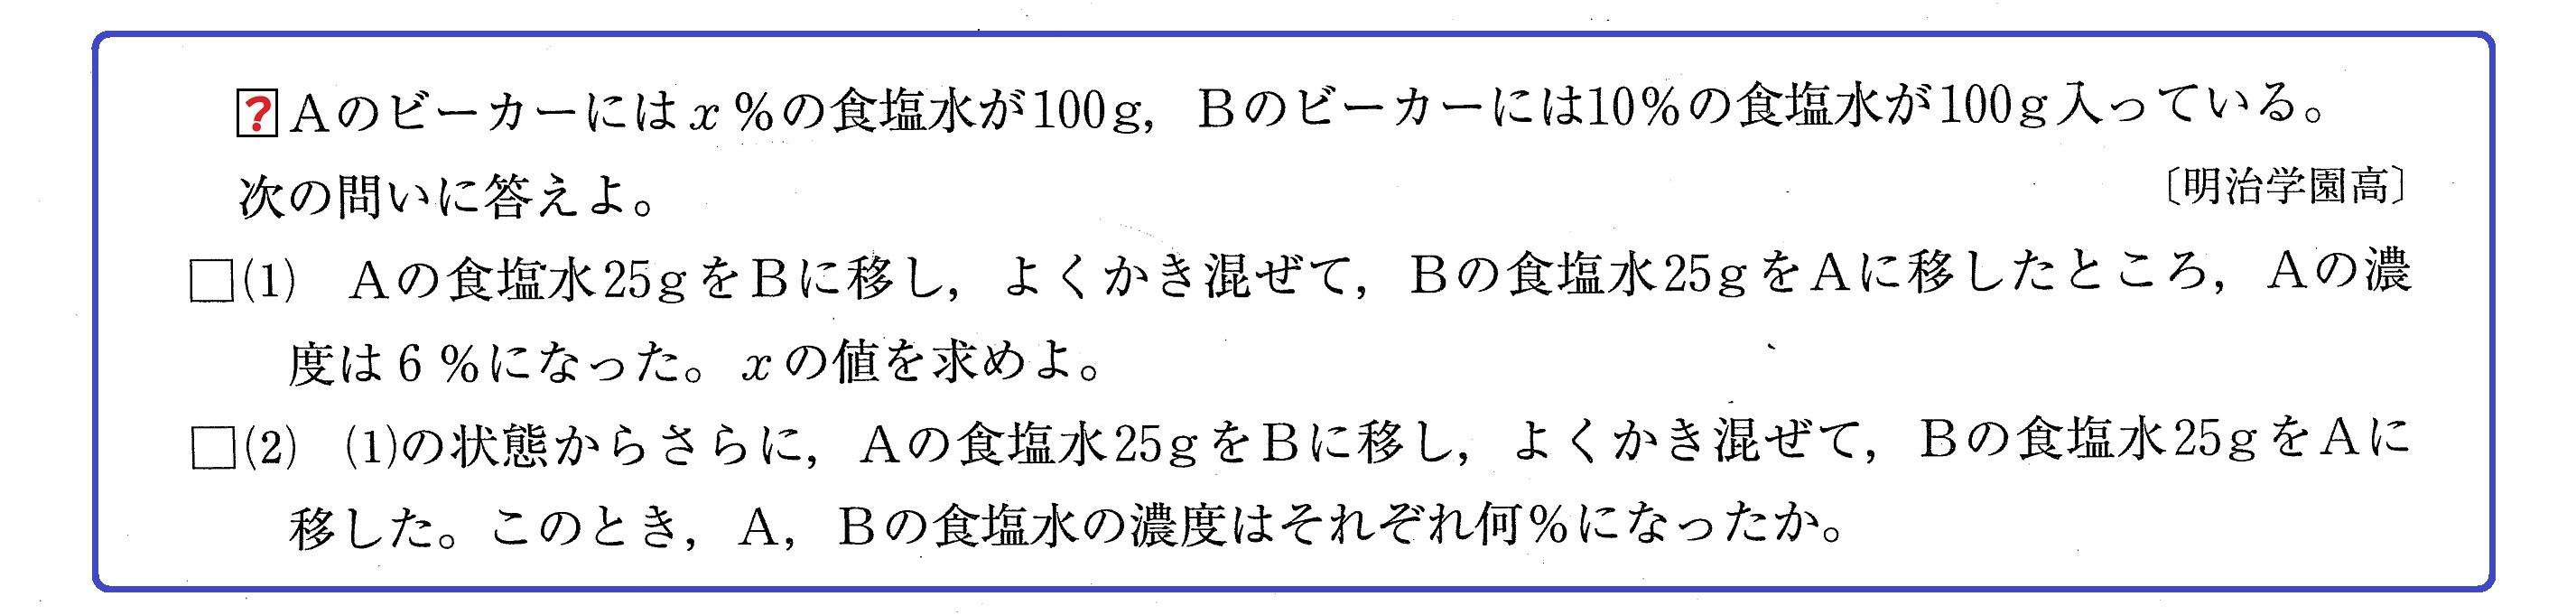 中1方程式チャレンジ J.jpg